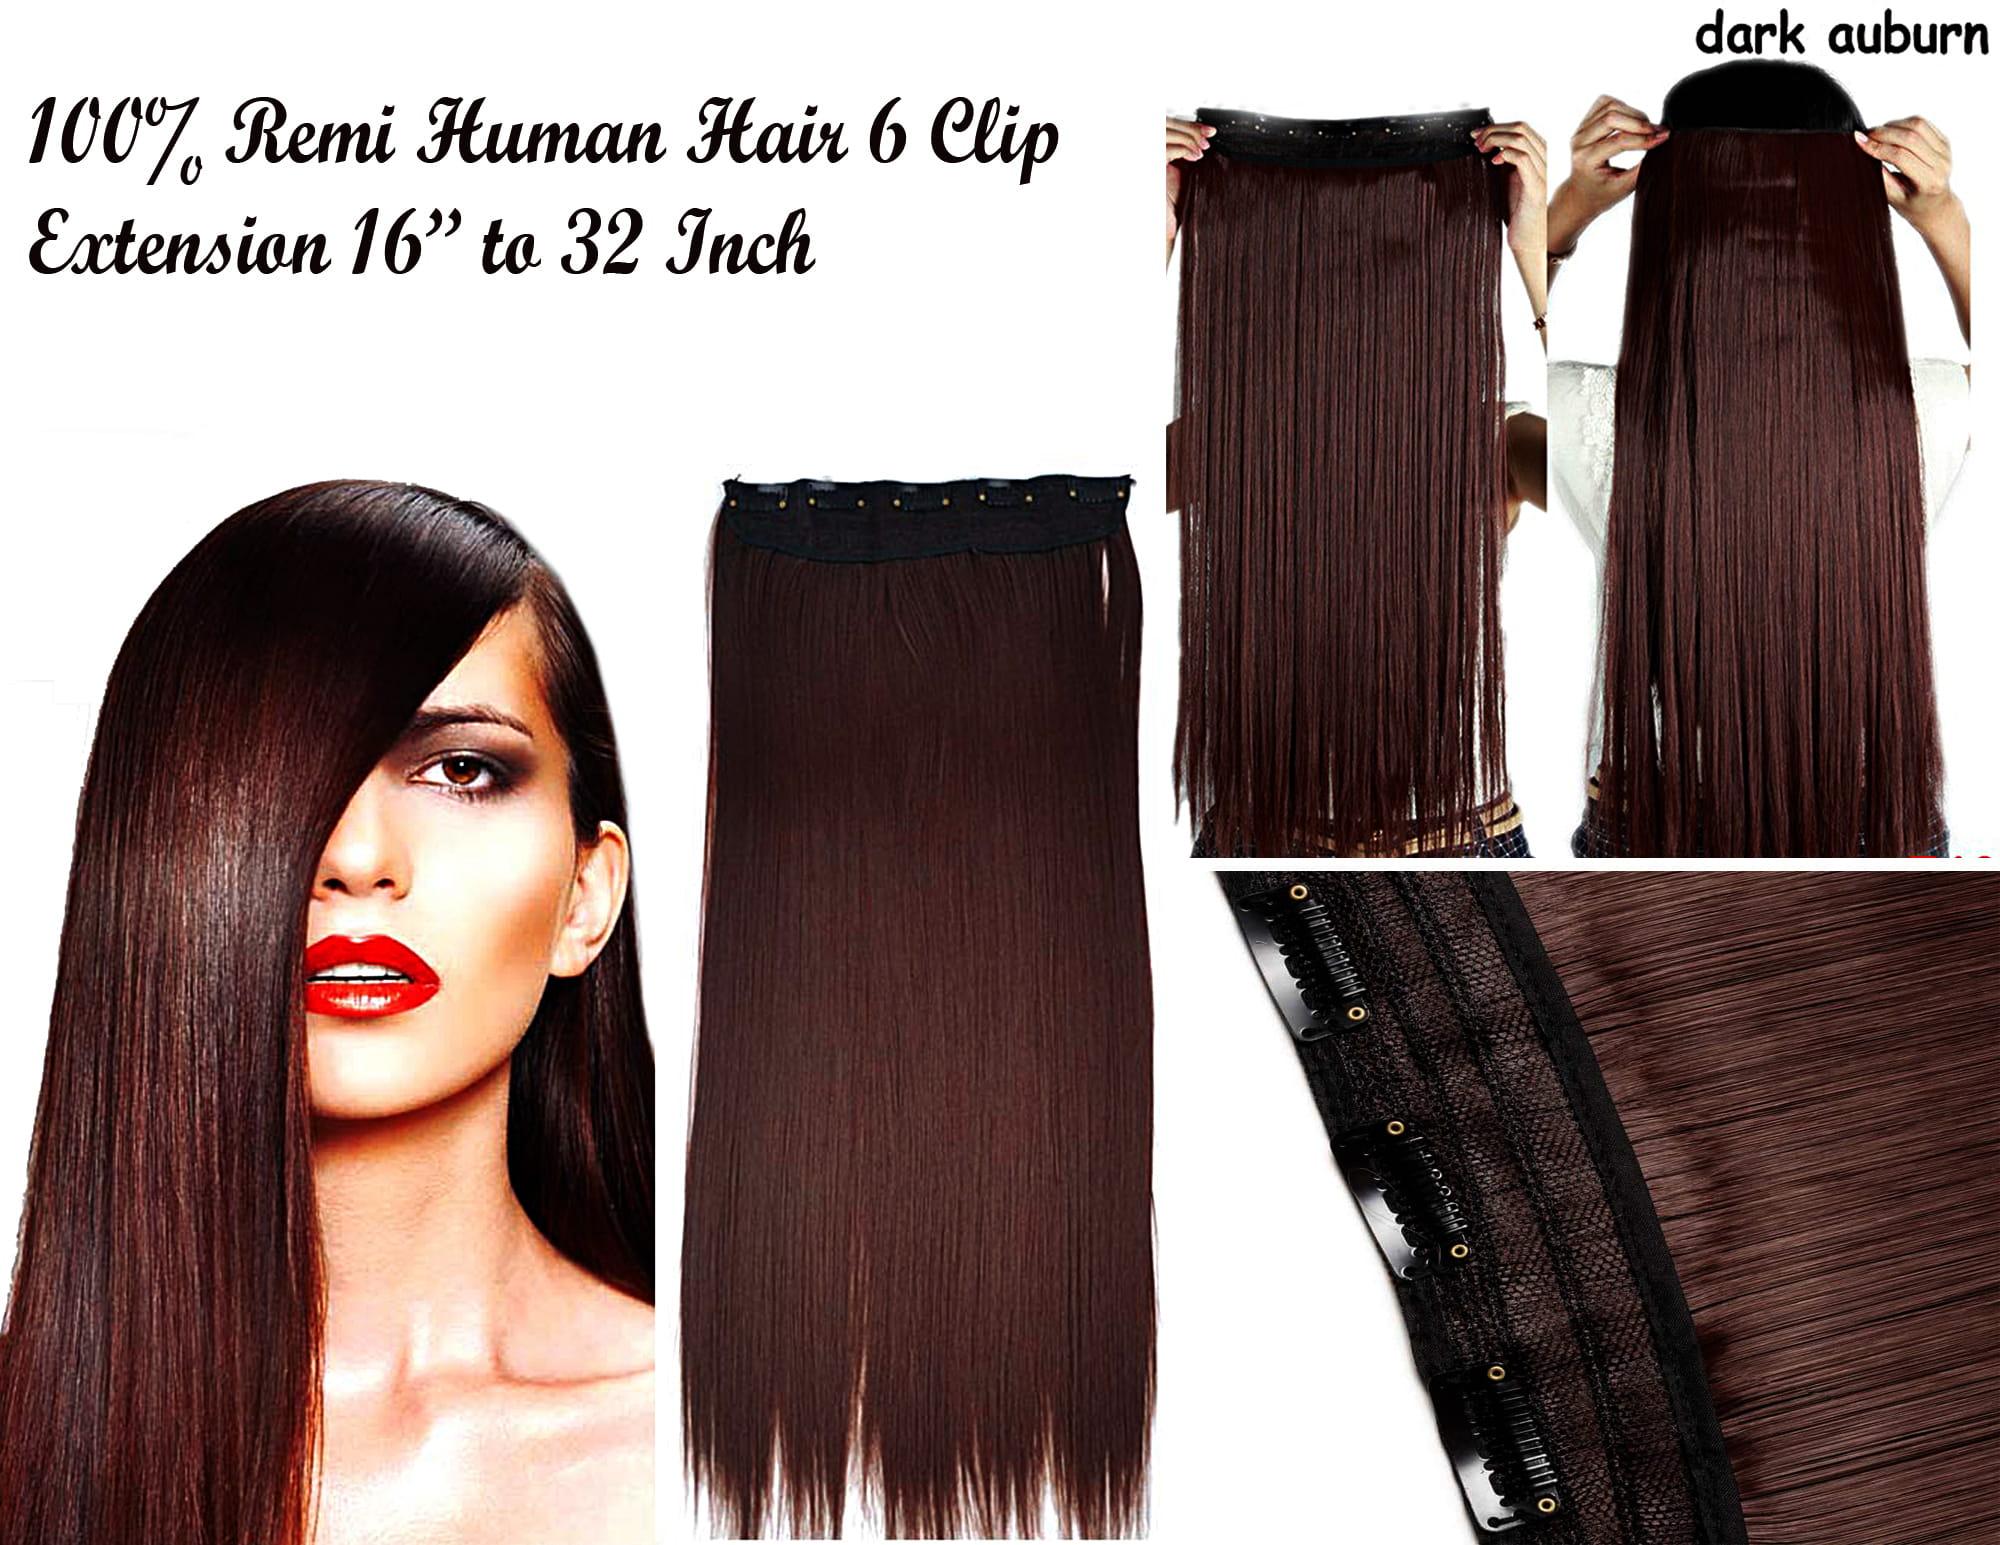 Ritzkart 6 Clip Fine Quality Remi 30 Inch Dark Auburn Human Soft